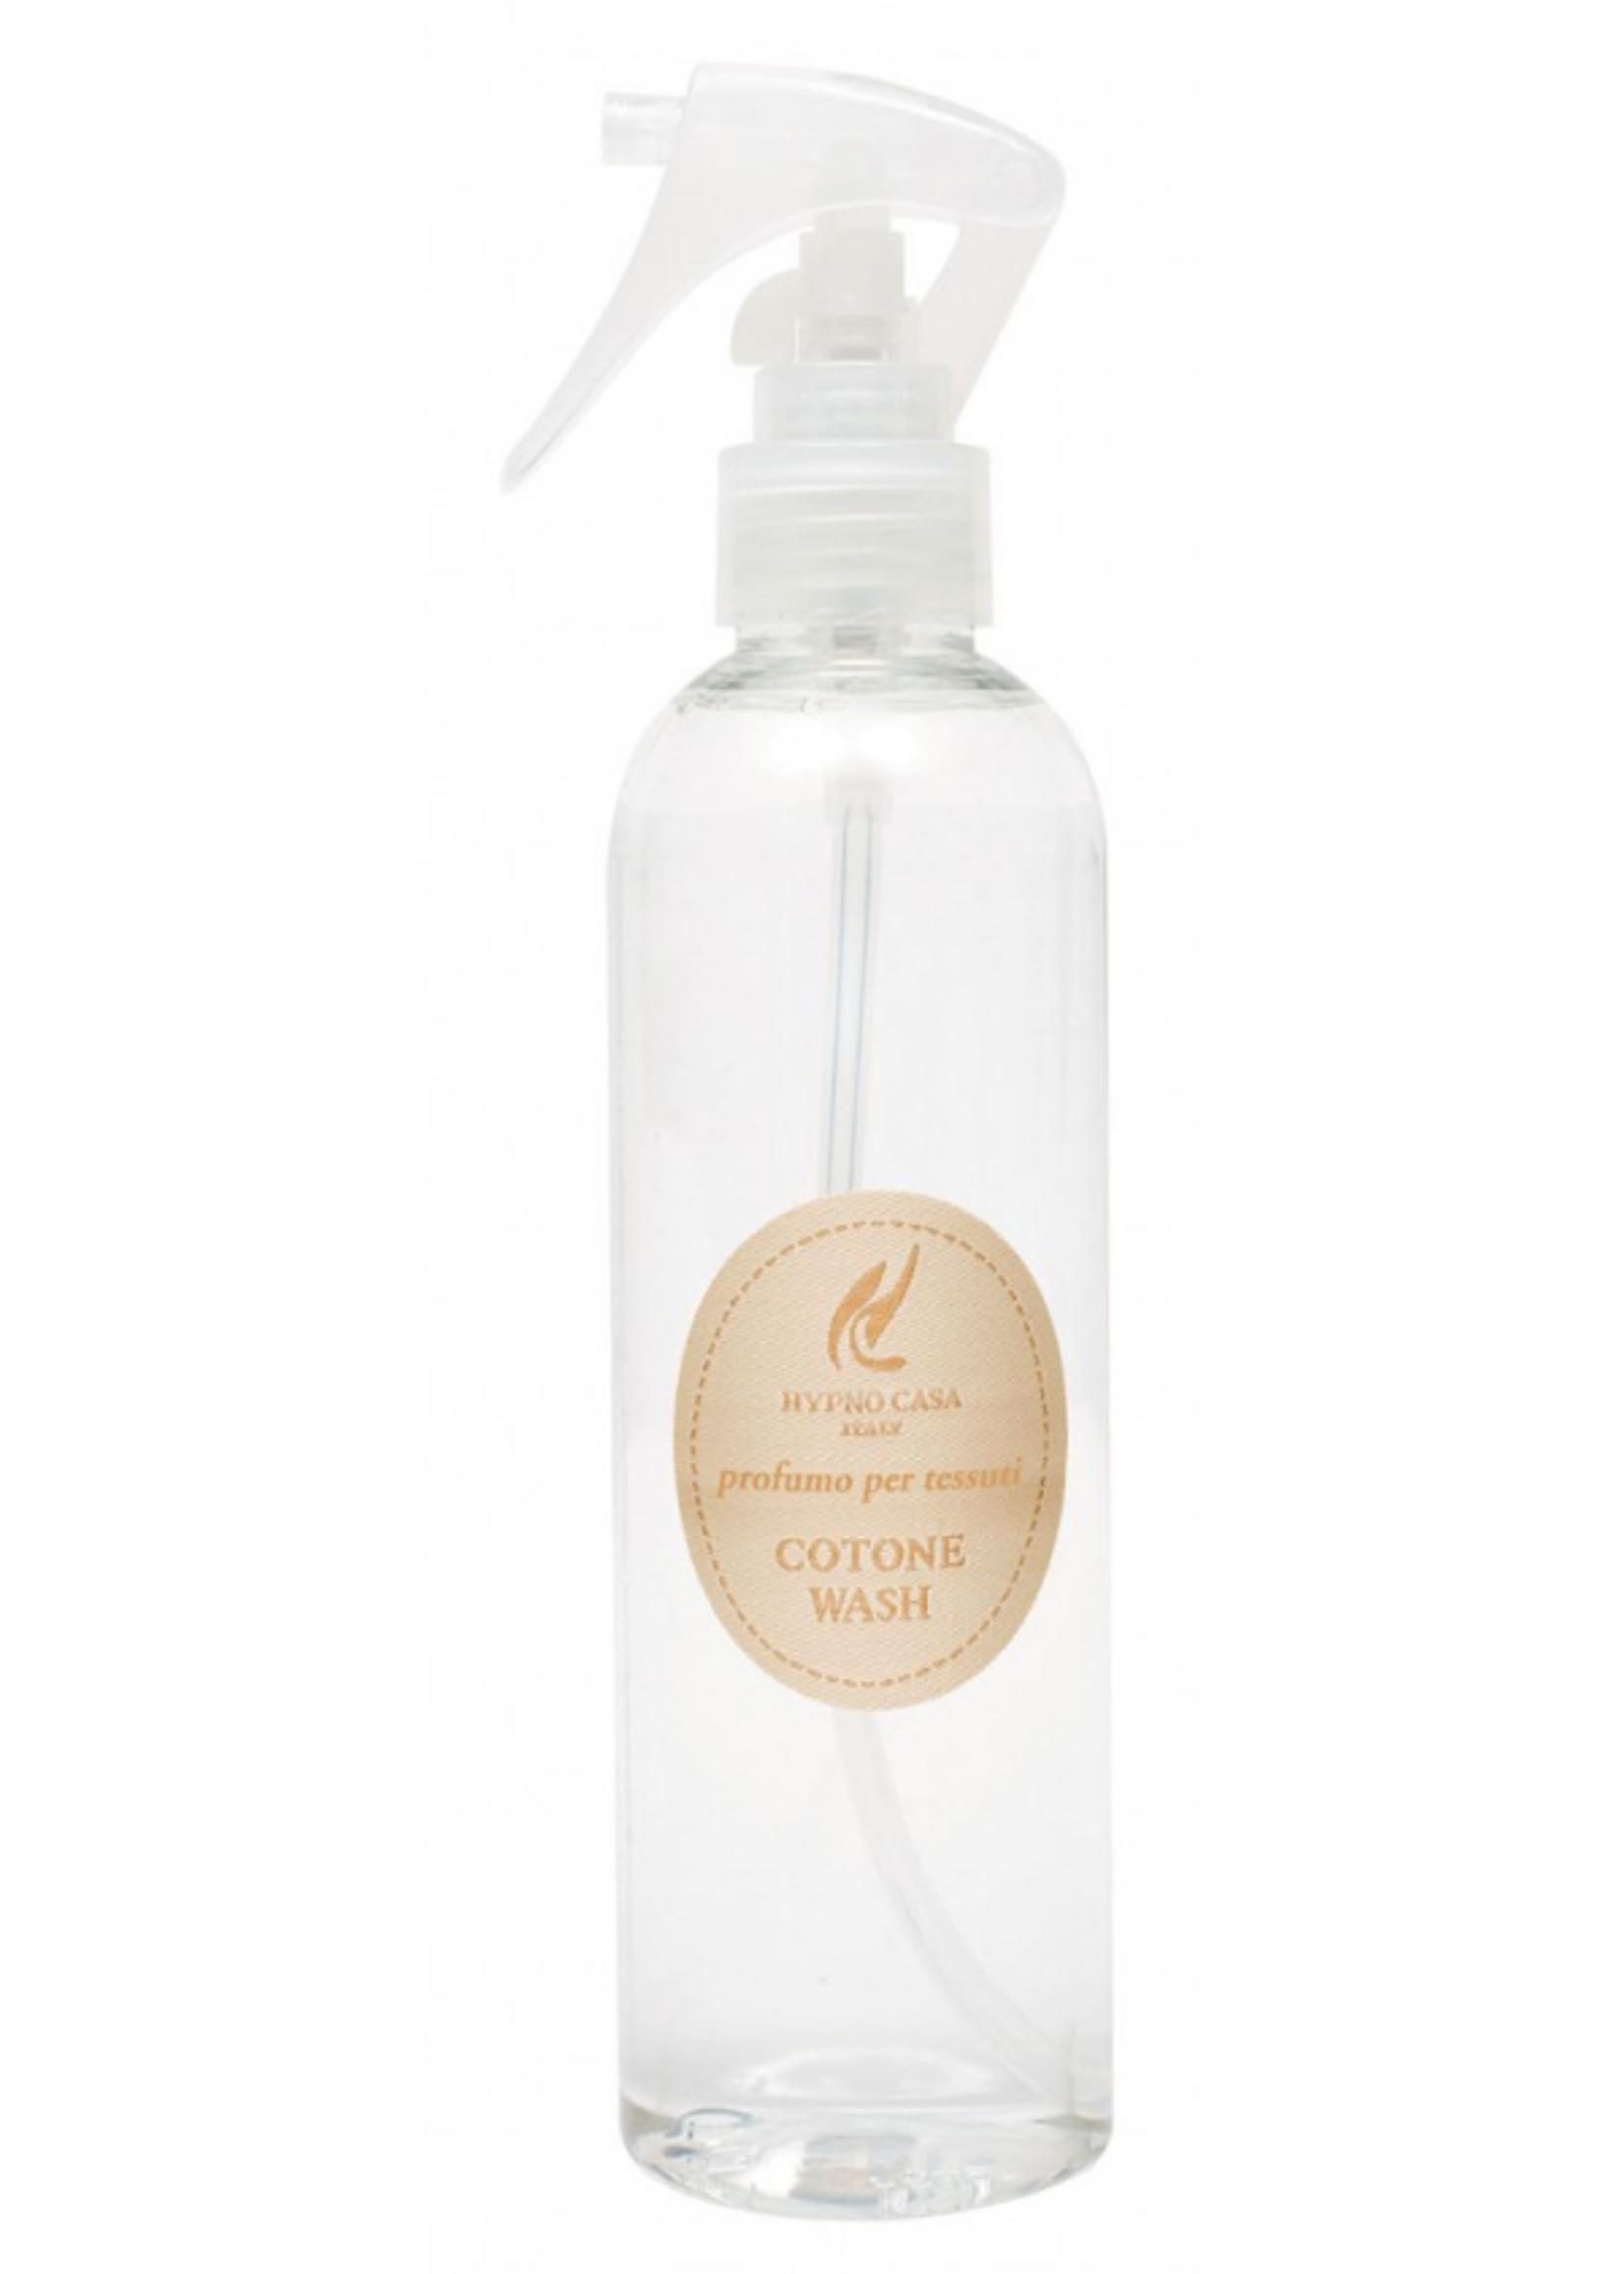 Hypno Casa Roomspray Cotone Wash